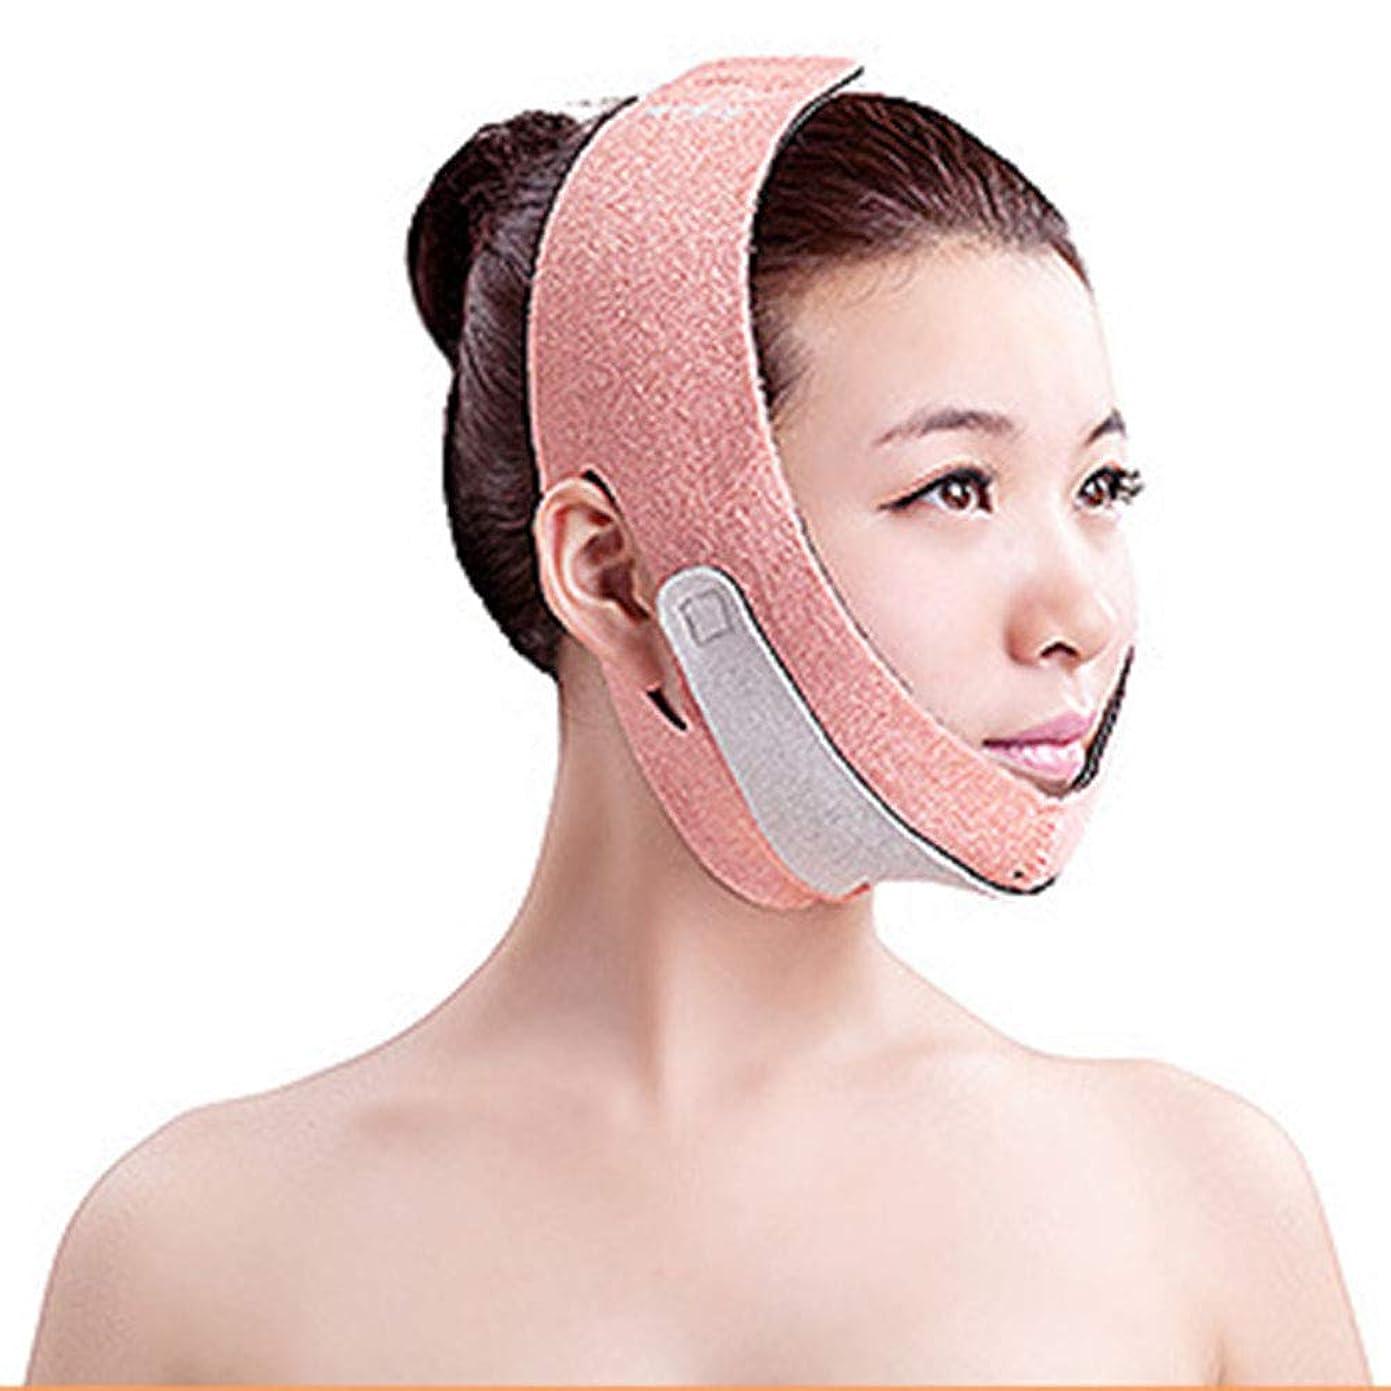 航海のペチコート性別V顔の強力な持ち上げツール、修正3D改装リフティング包帯二重あごの女性の抗しわの美しさフェイスリフティングアーティファクト睡眠包帯薄い顔二重あご無料呼吸,Orange